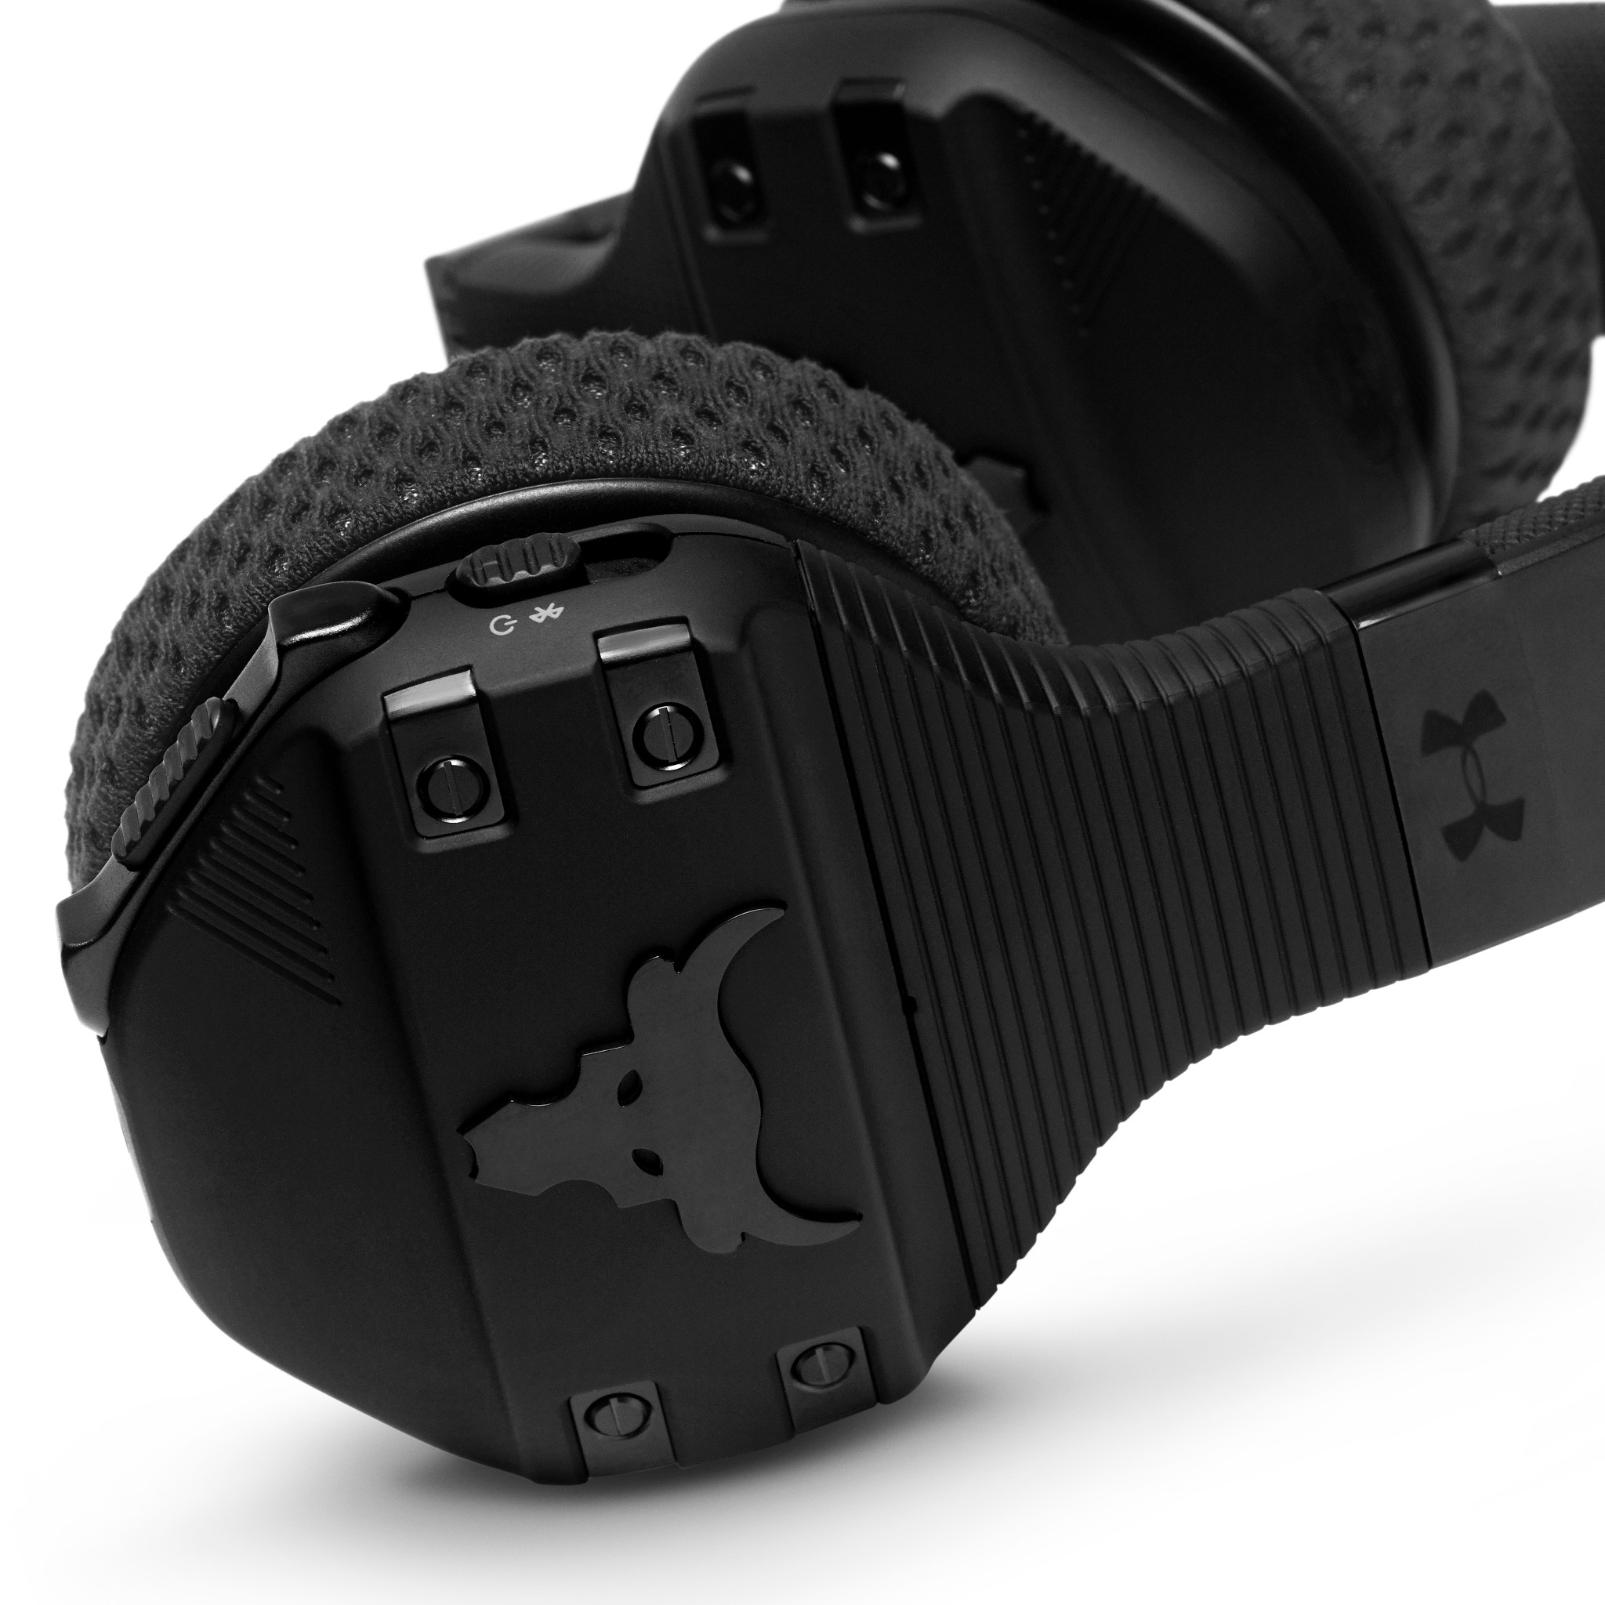 UA Sport Wireless Train Project Rock – Engineered by JBL - Black - On-ear sport Headphones - Detailshot 5